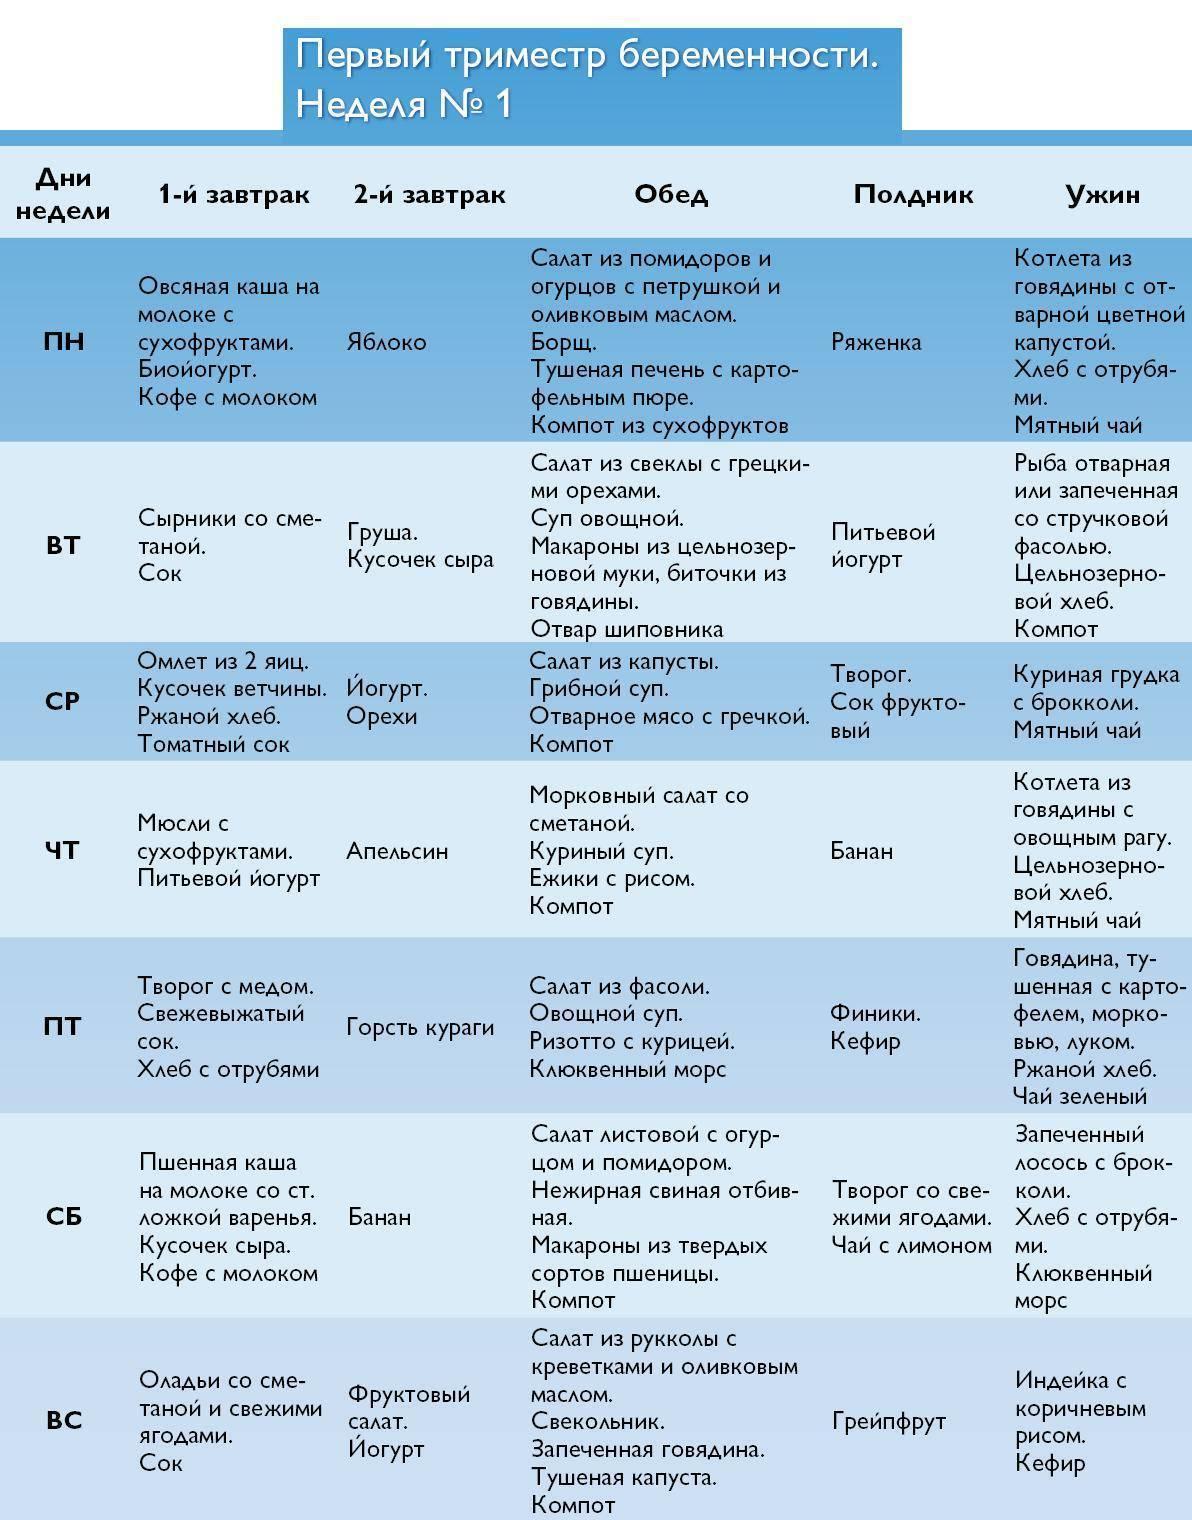 Подготовка к скринингу 1 триместра – как подготовиться? - диагностика